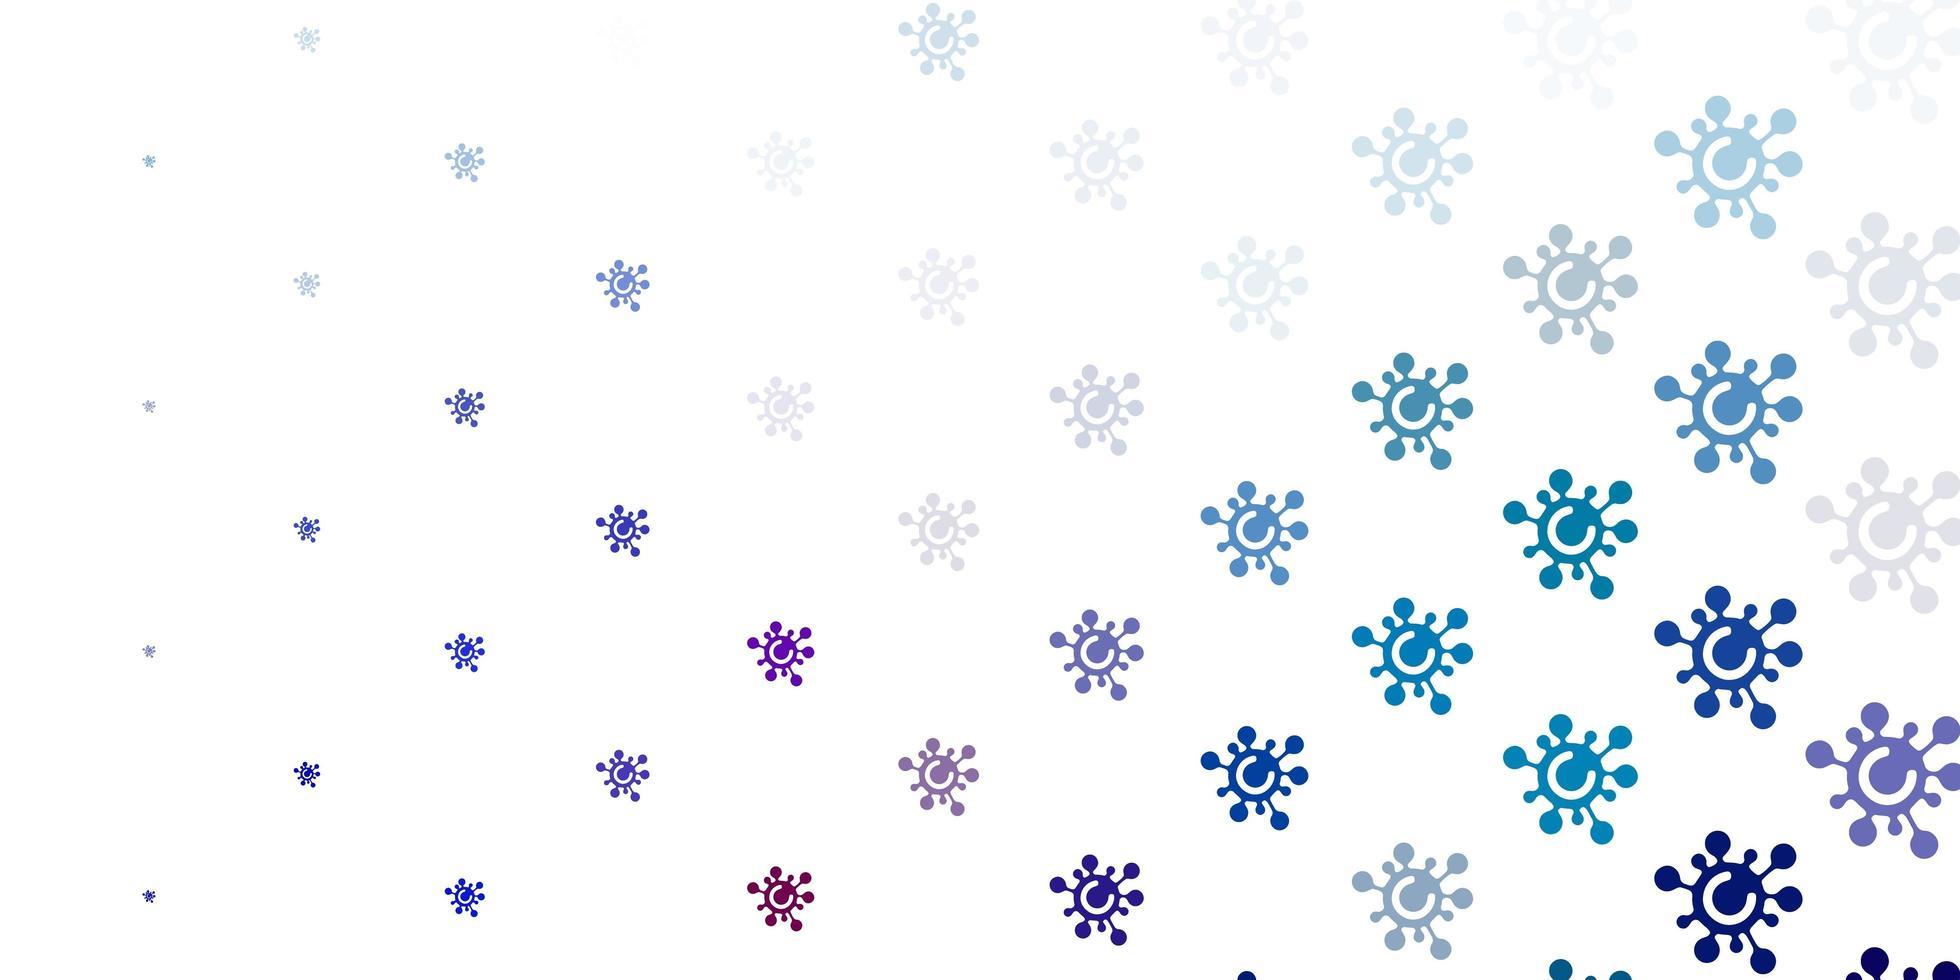 hellblauer, roter Vektorhintergrund mit covid-19 Symbolen. vektor